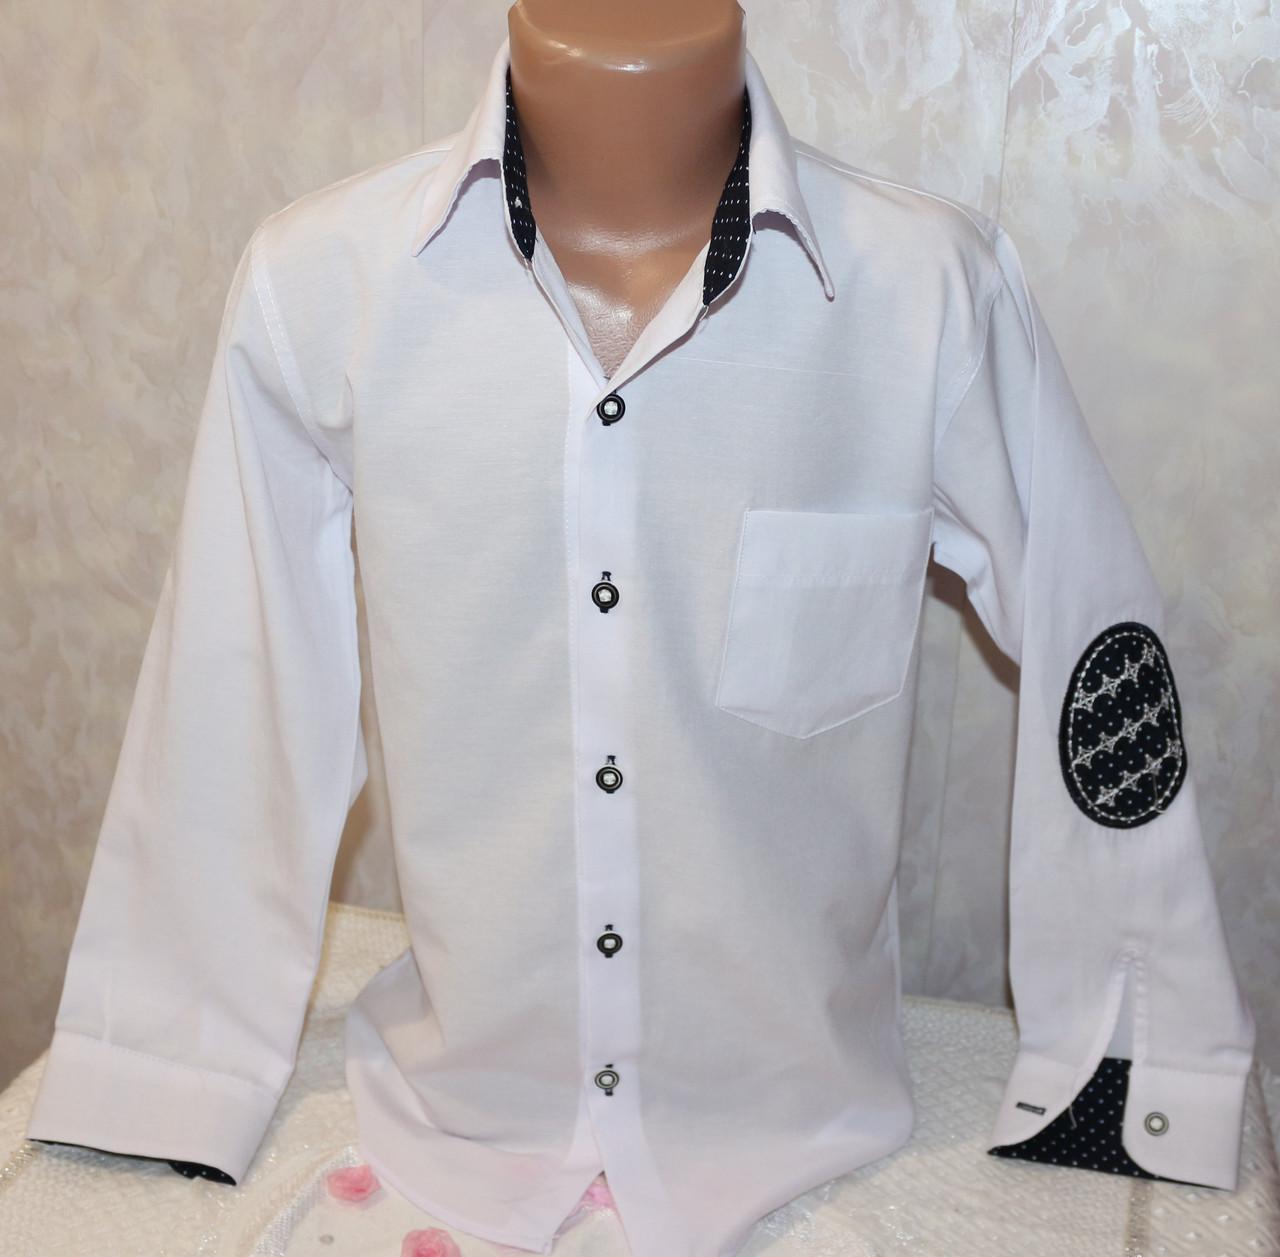 Рубашка нарядная на мальчика белая с карманом 10-11,12-13,14-15,15-16 лет